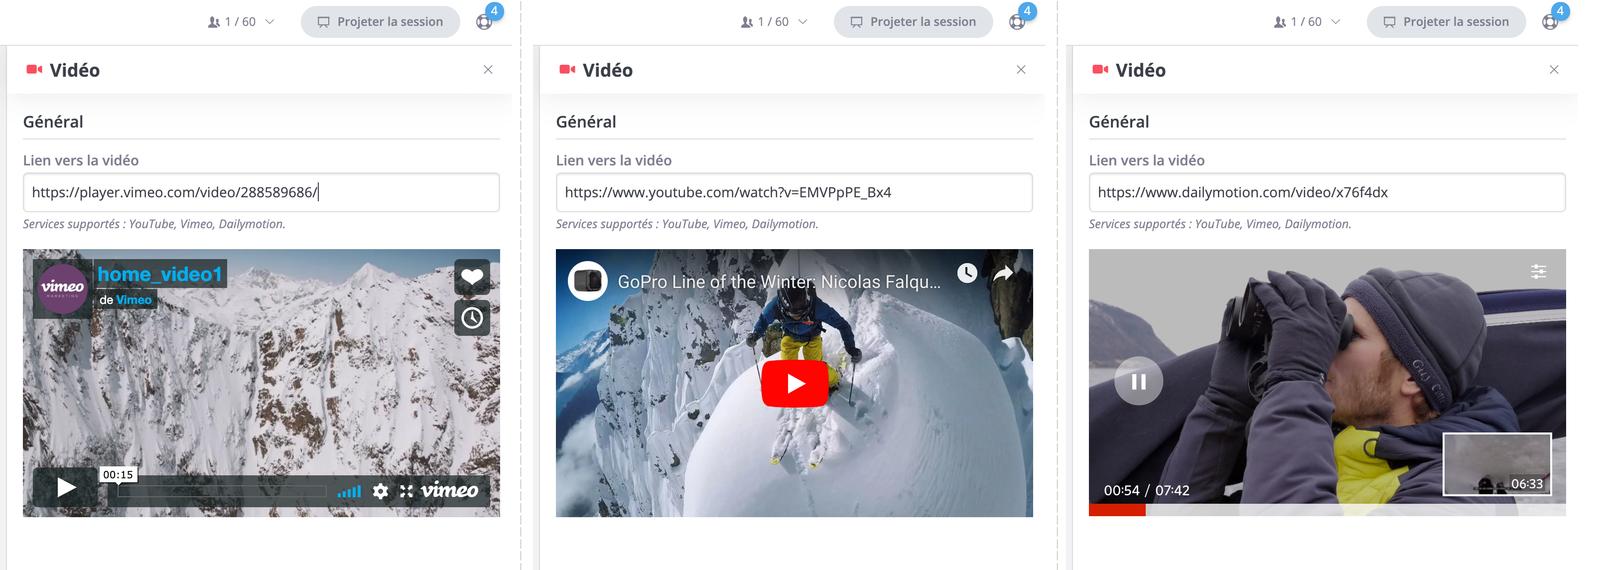 Plusieurs possibilités pour embarquer vos vidéos